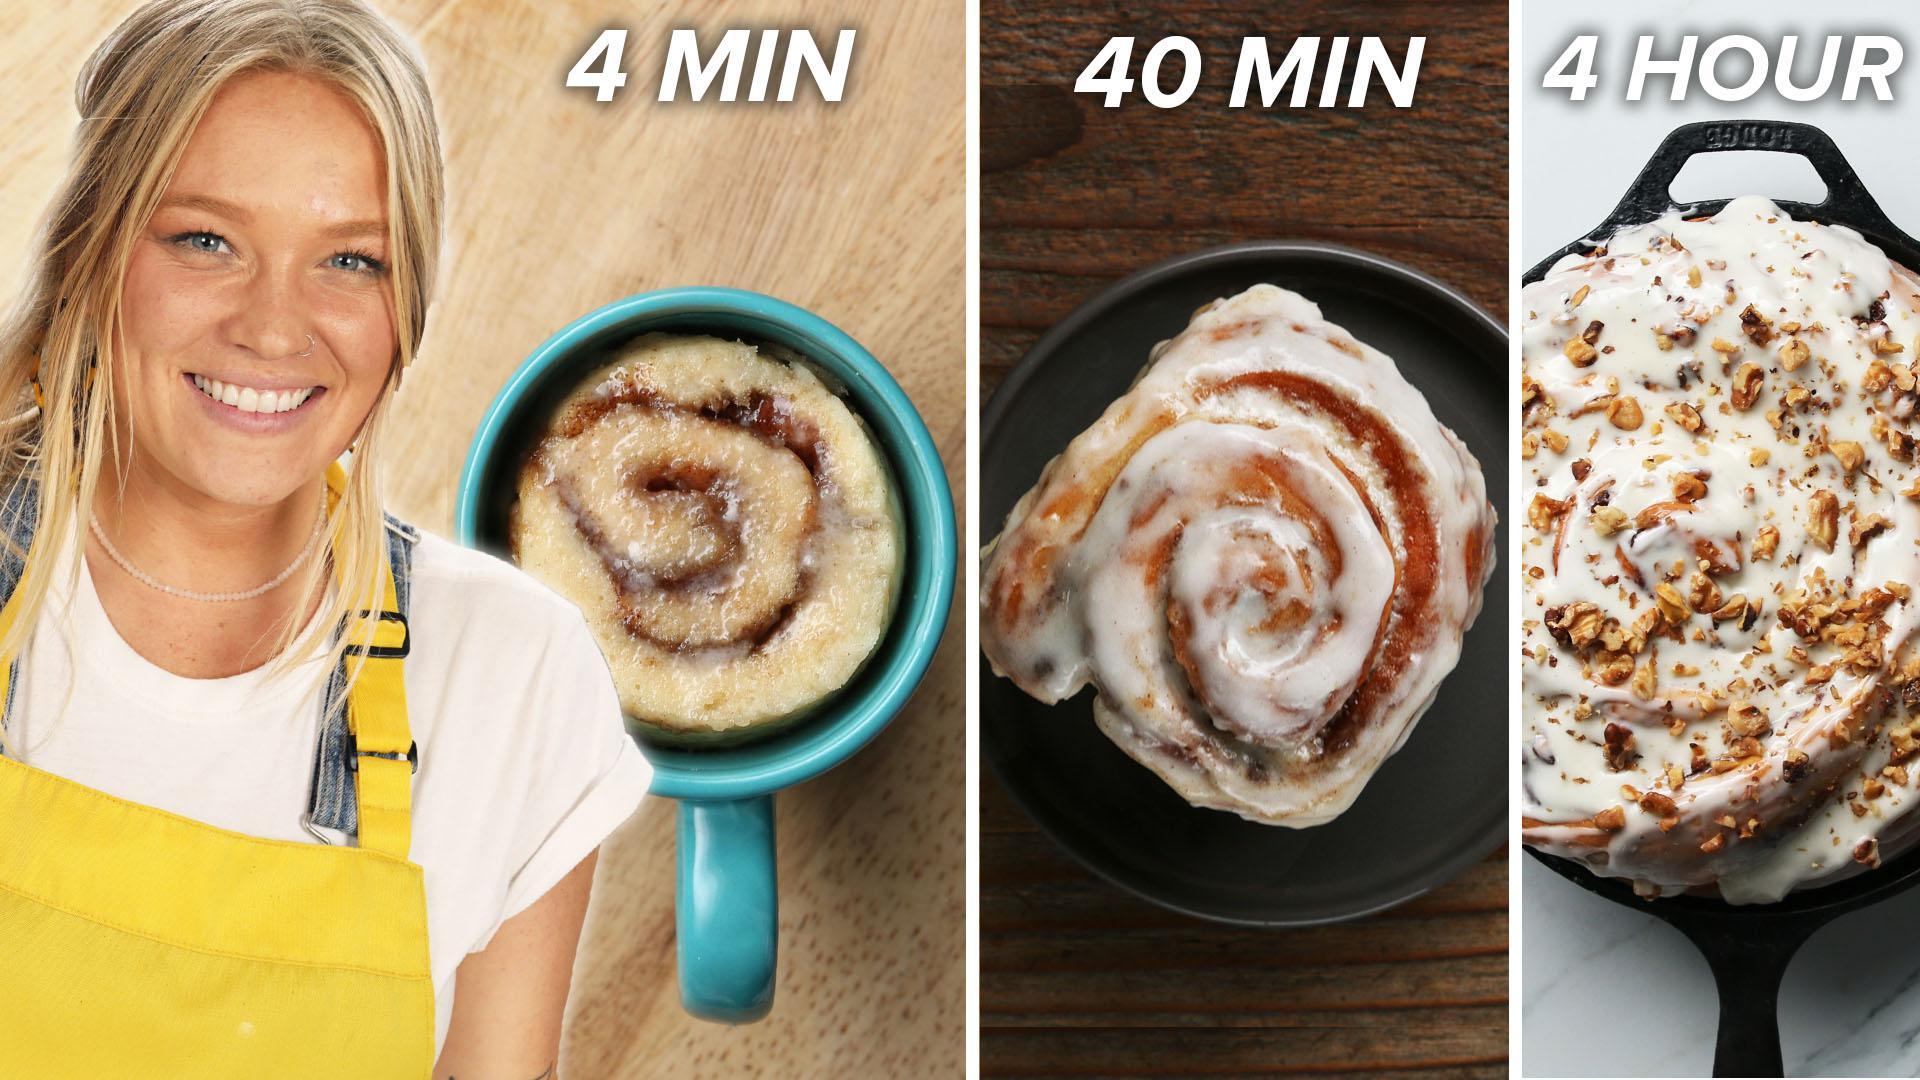 4 Min Vs 40 Min Vs 4 Hour Cinnamon Rolls Recipes